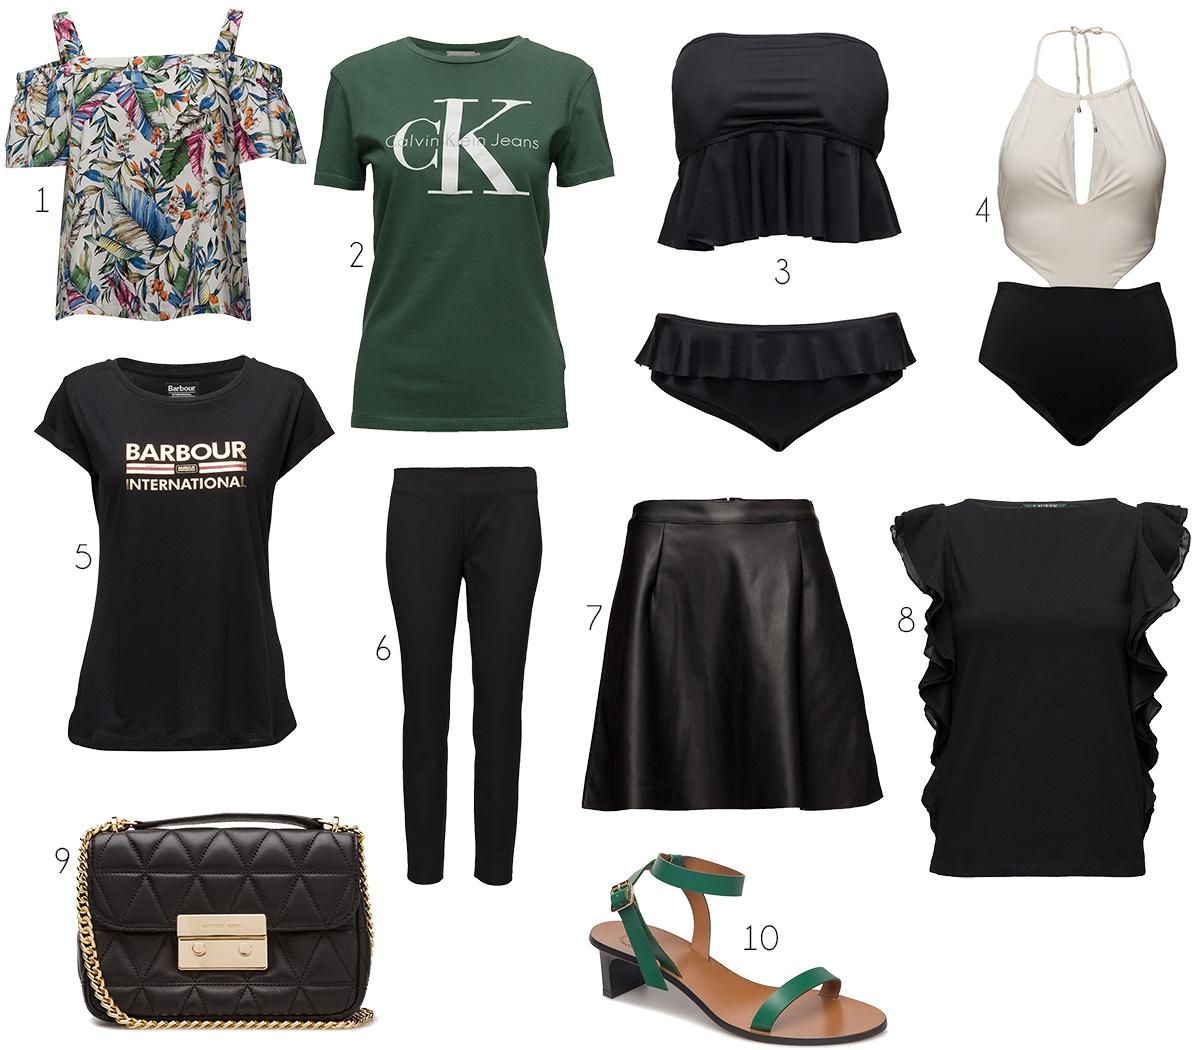 Här är jag valt mest svart fast lagt in några färgklickar – t-shirt 2fa479e6503d2